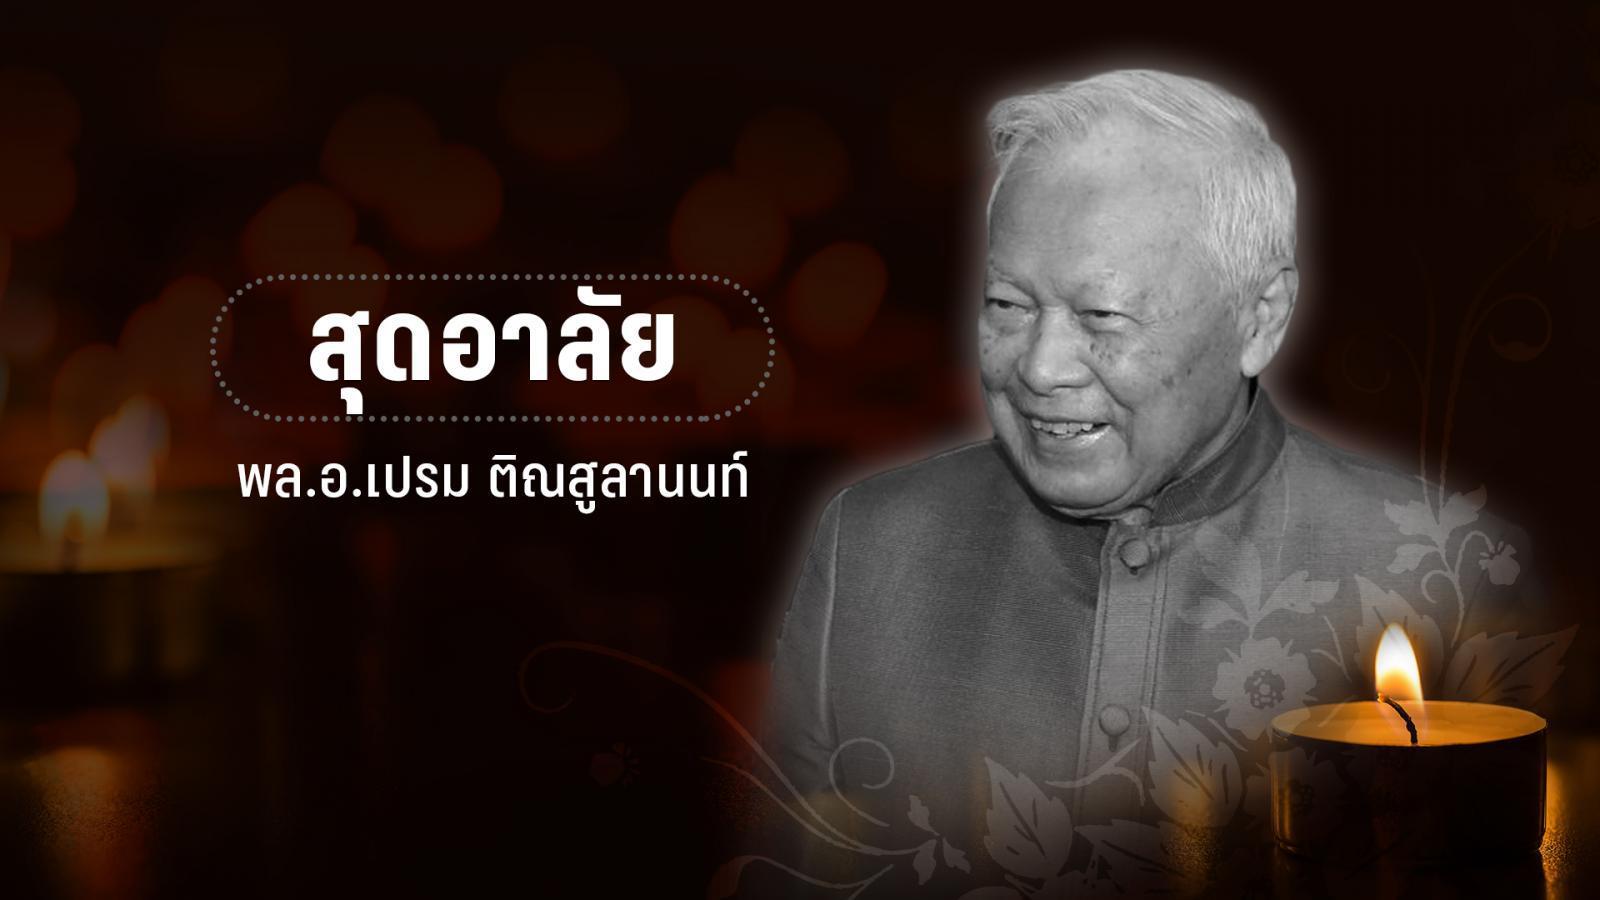 """ประวัติ """"พล.อ.เปรม ติณสูลานนท์"""" นายกรัฐมนตรี คนที่ 16 ของไทย"""